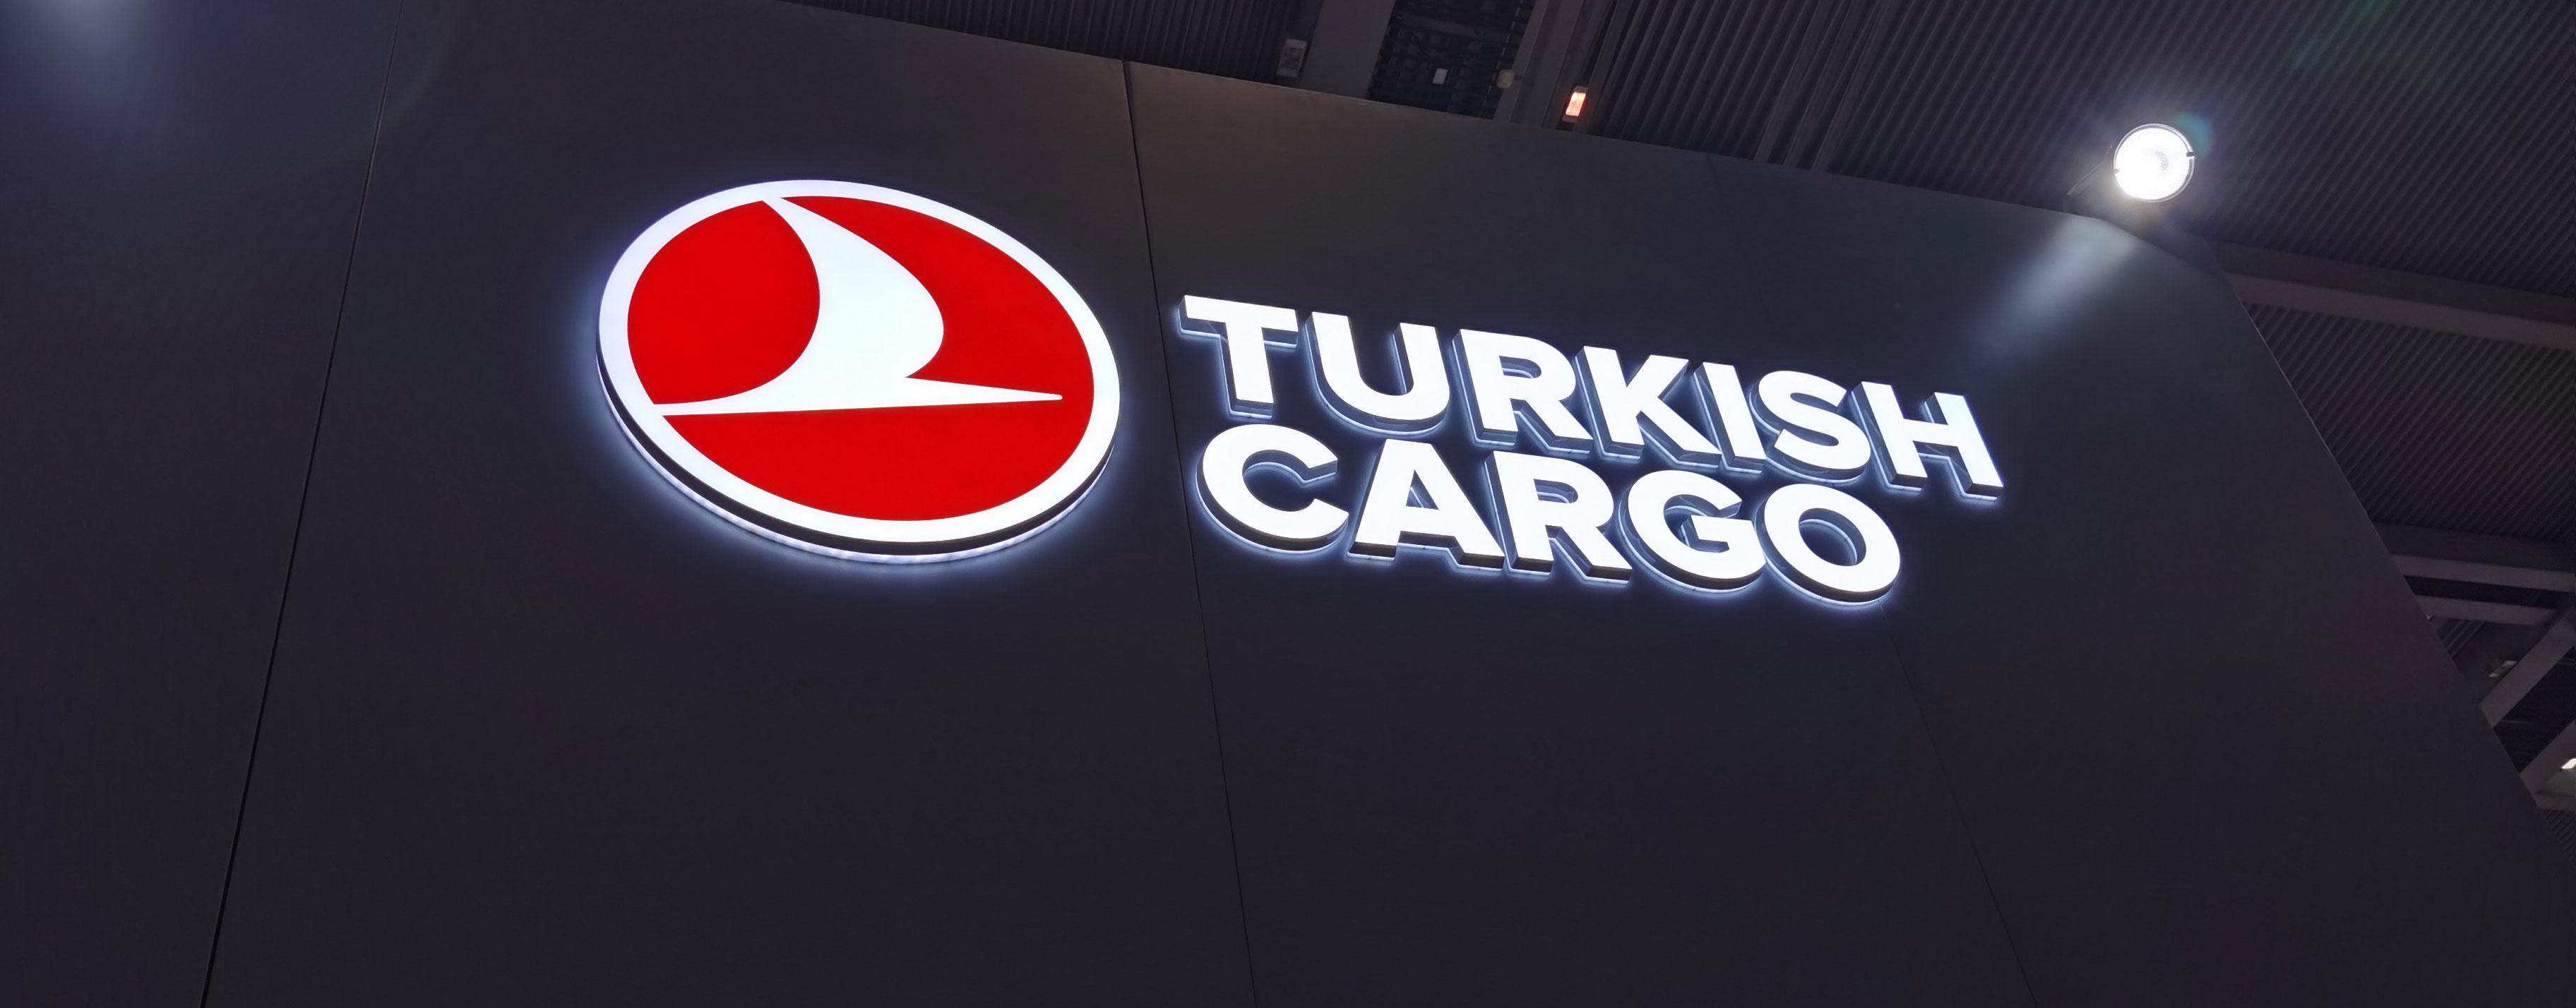 TK土耳其航空货运